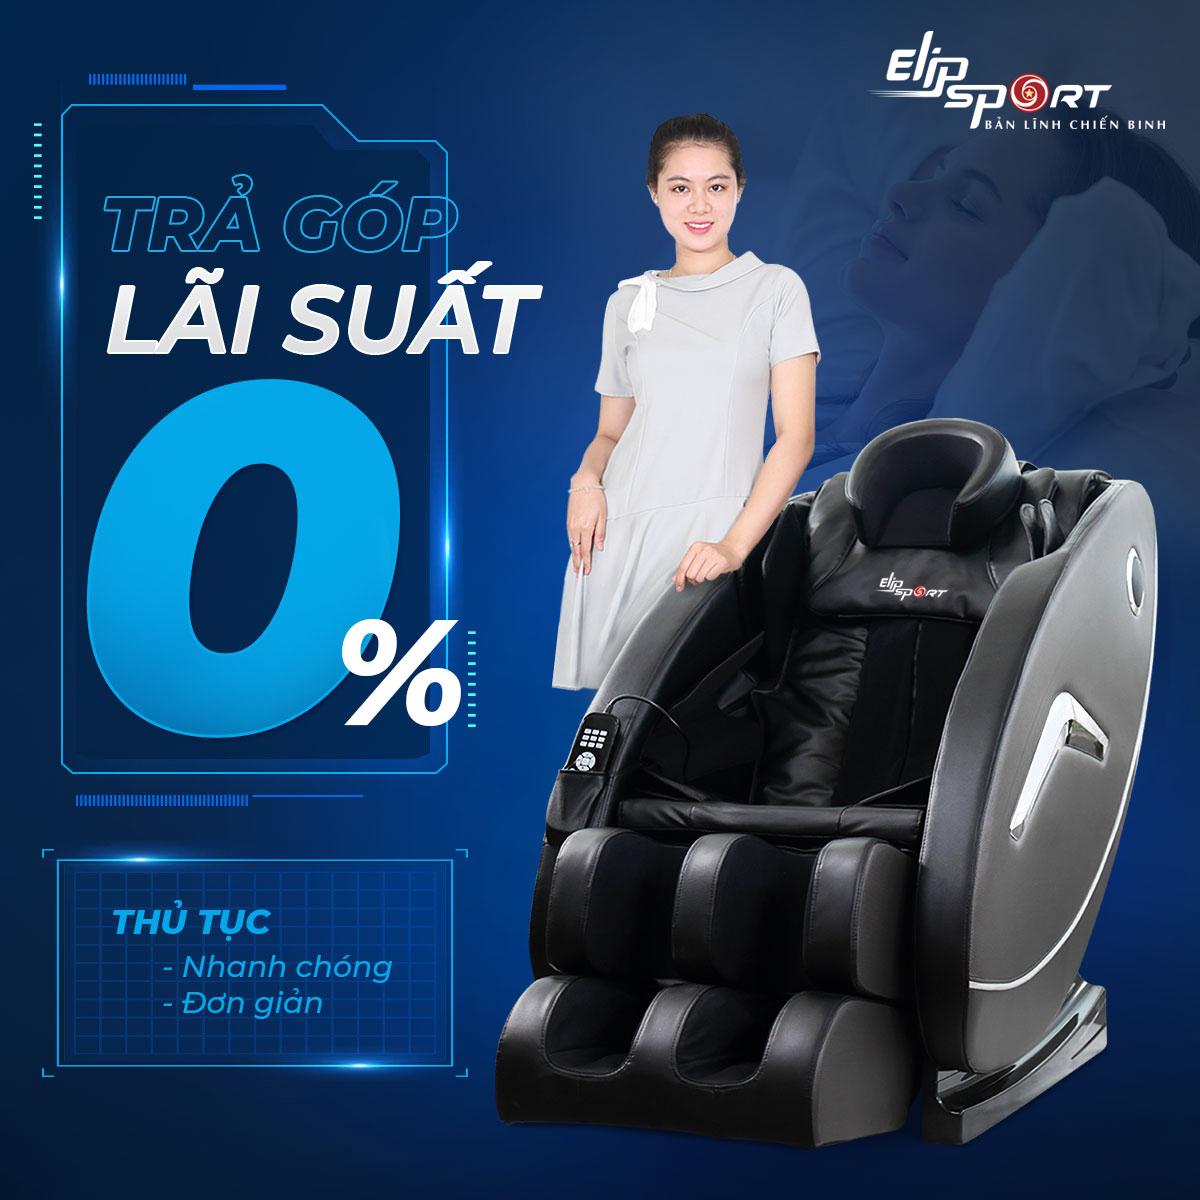 Mua ghế massage trả góp 0% tại Elipsport